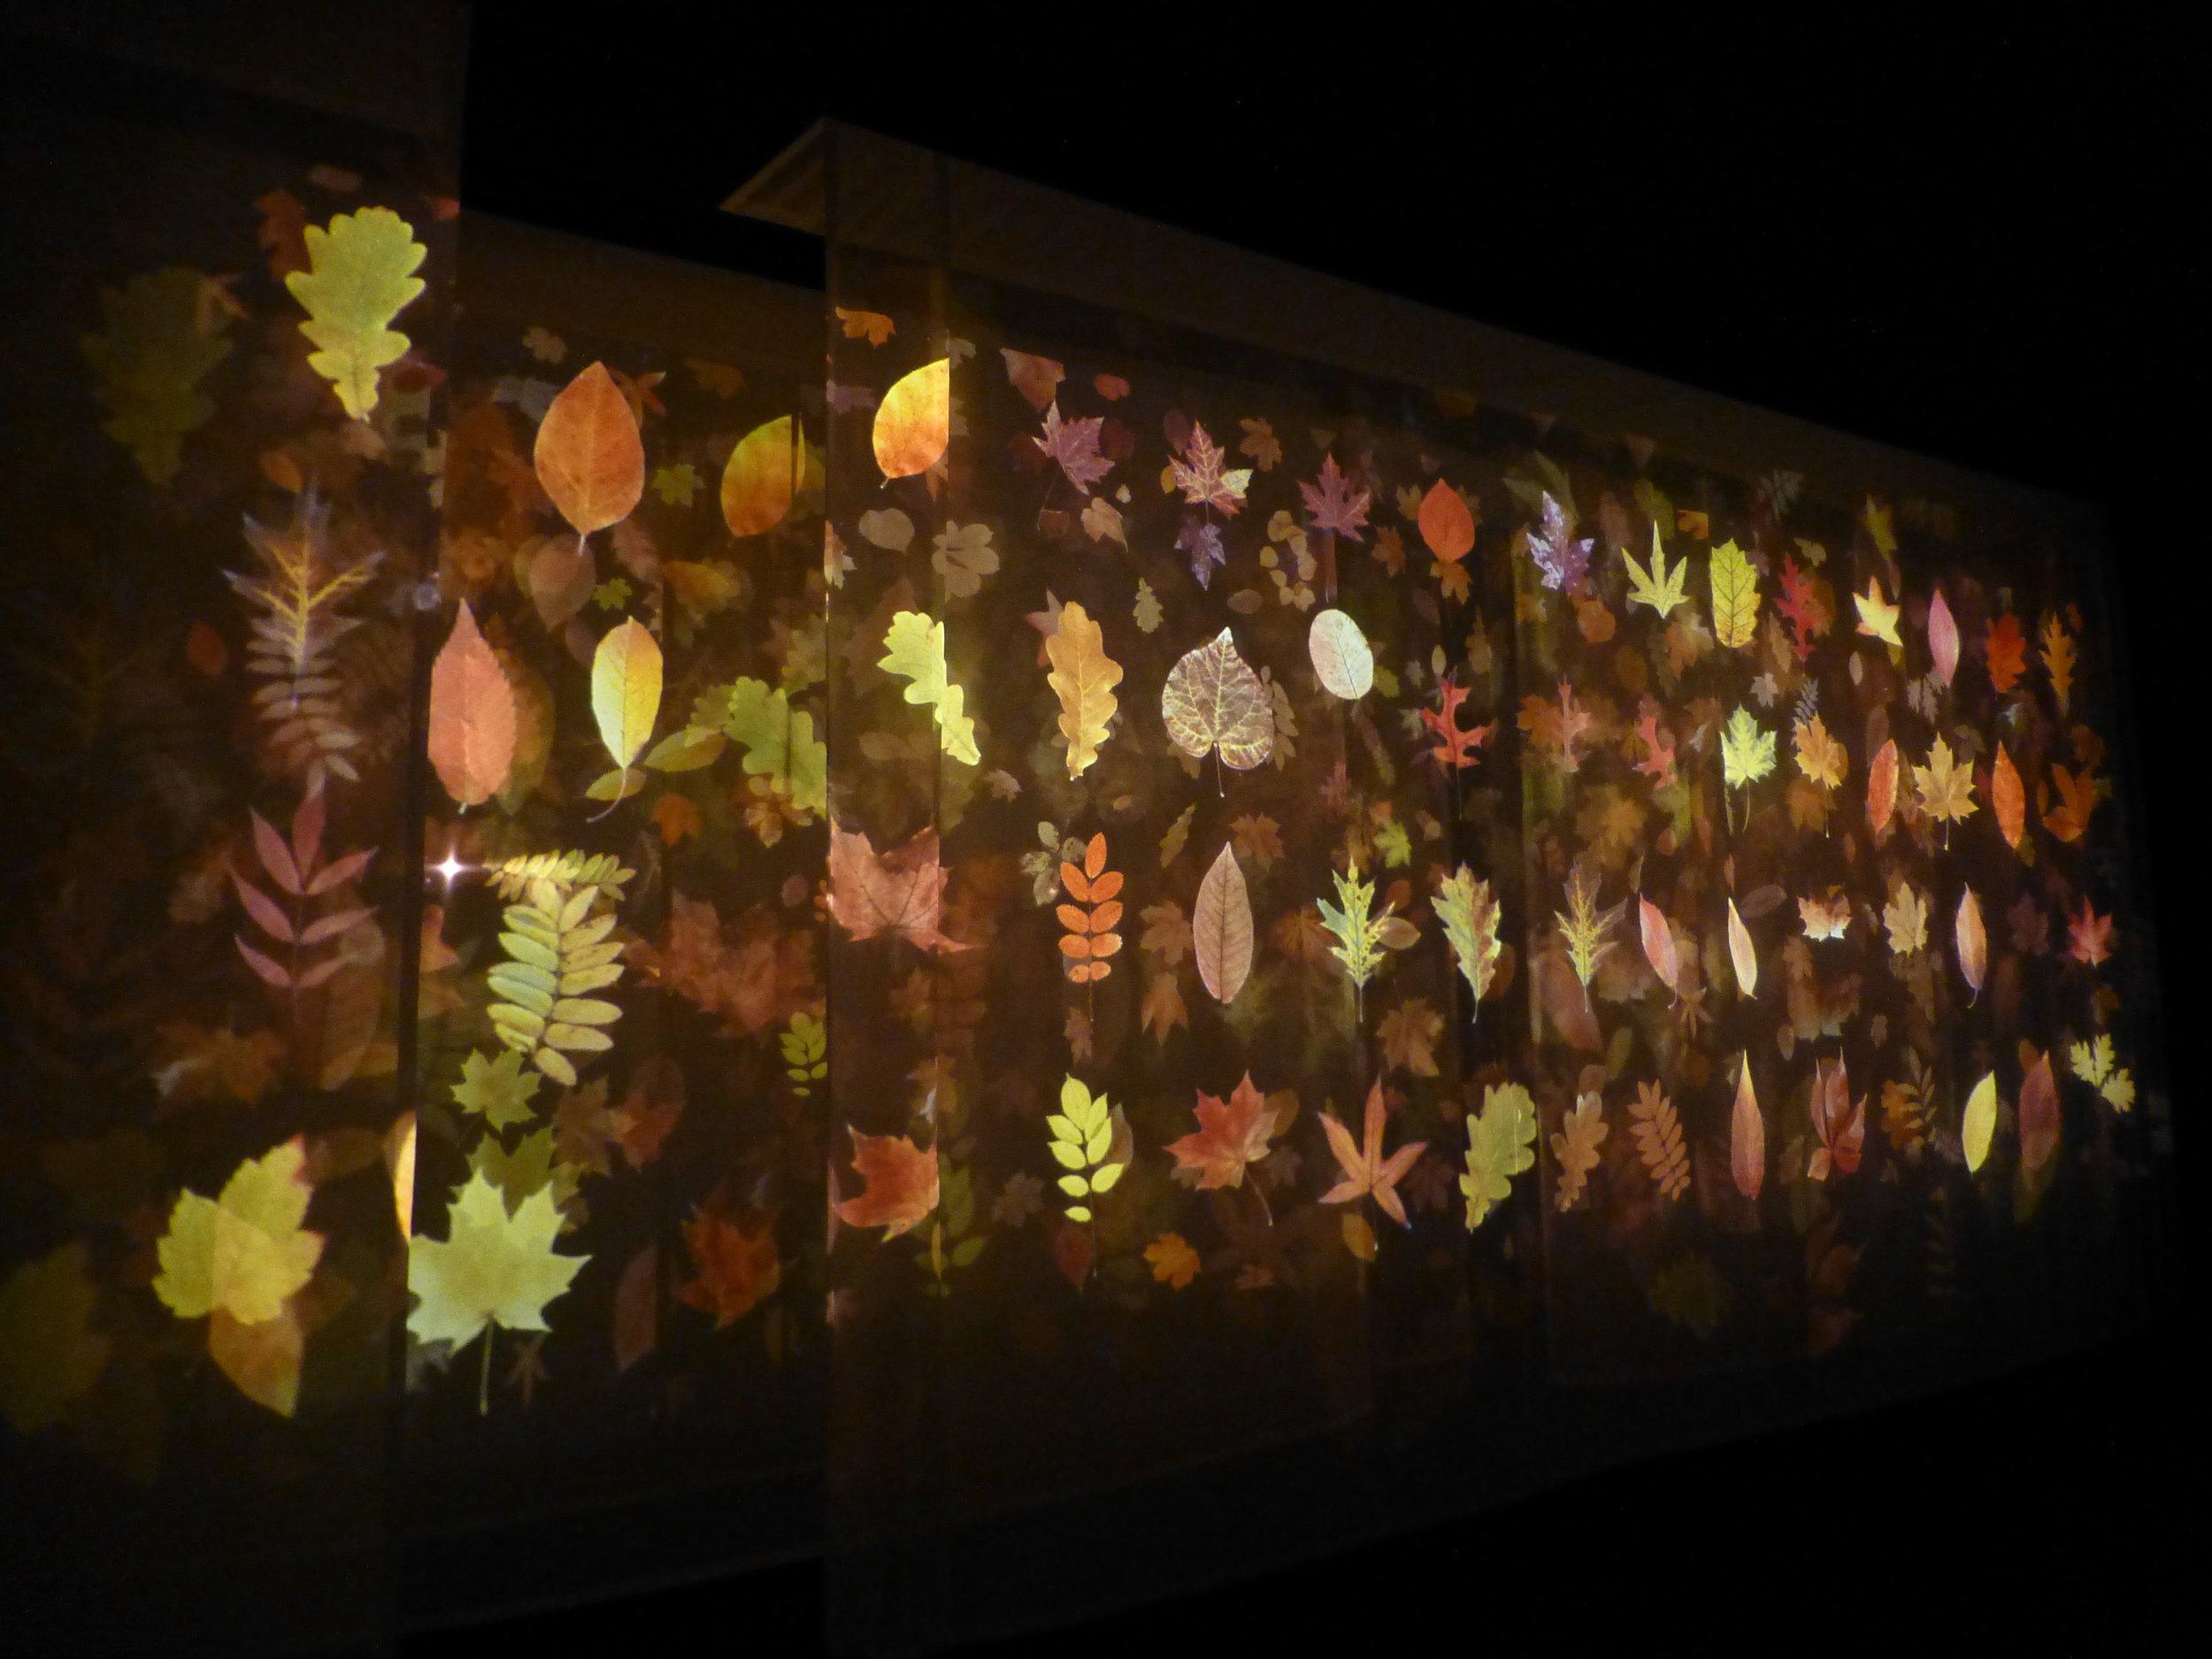 Dark Garden Tne Based Work 2012 Image courtesey of Andrew Carnie and GV Art